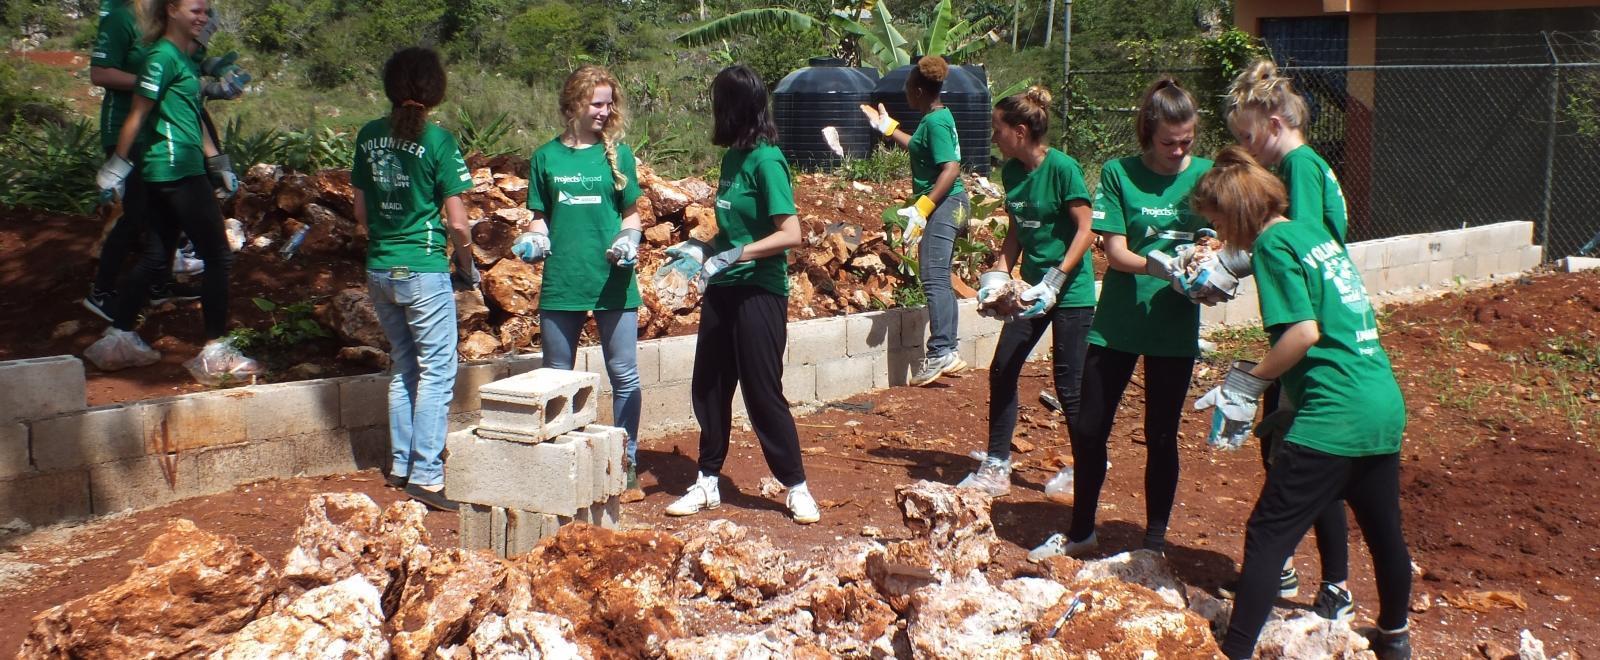 Un groupe de volontaires construisent une nouvelle aire de jeux pour une école défavorisée pendant leur volontariat de courte durée en Jamaïque.